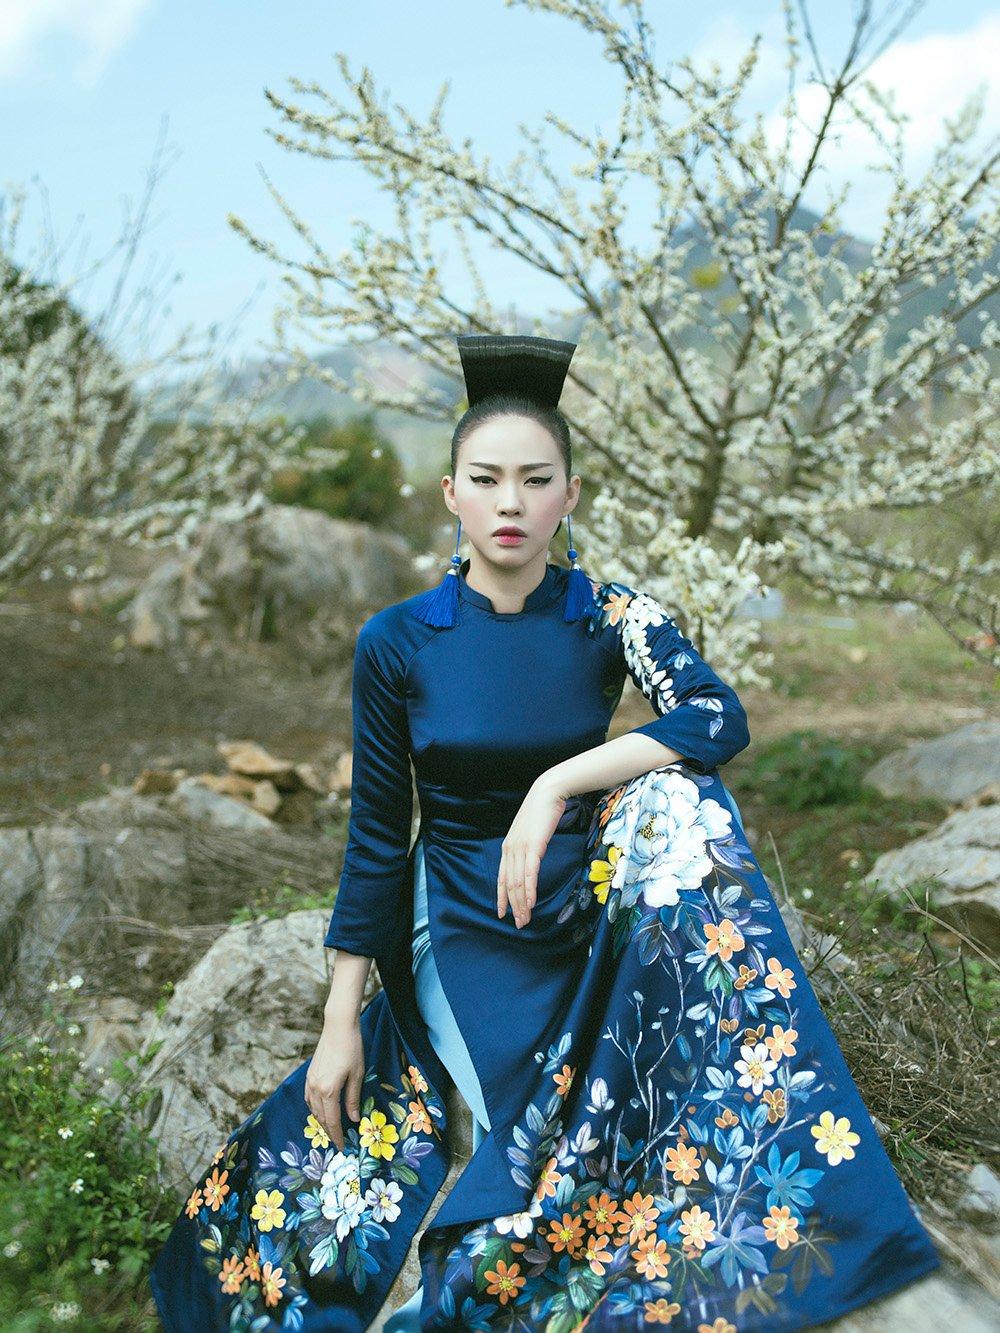 Hình ảnh Phù thủy makeup Kenny Thái ra mắt BST áo dài mang phong cách Nhật Bản số 9